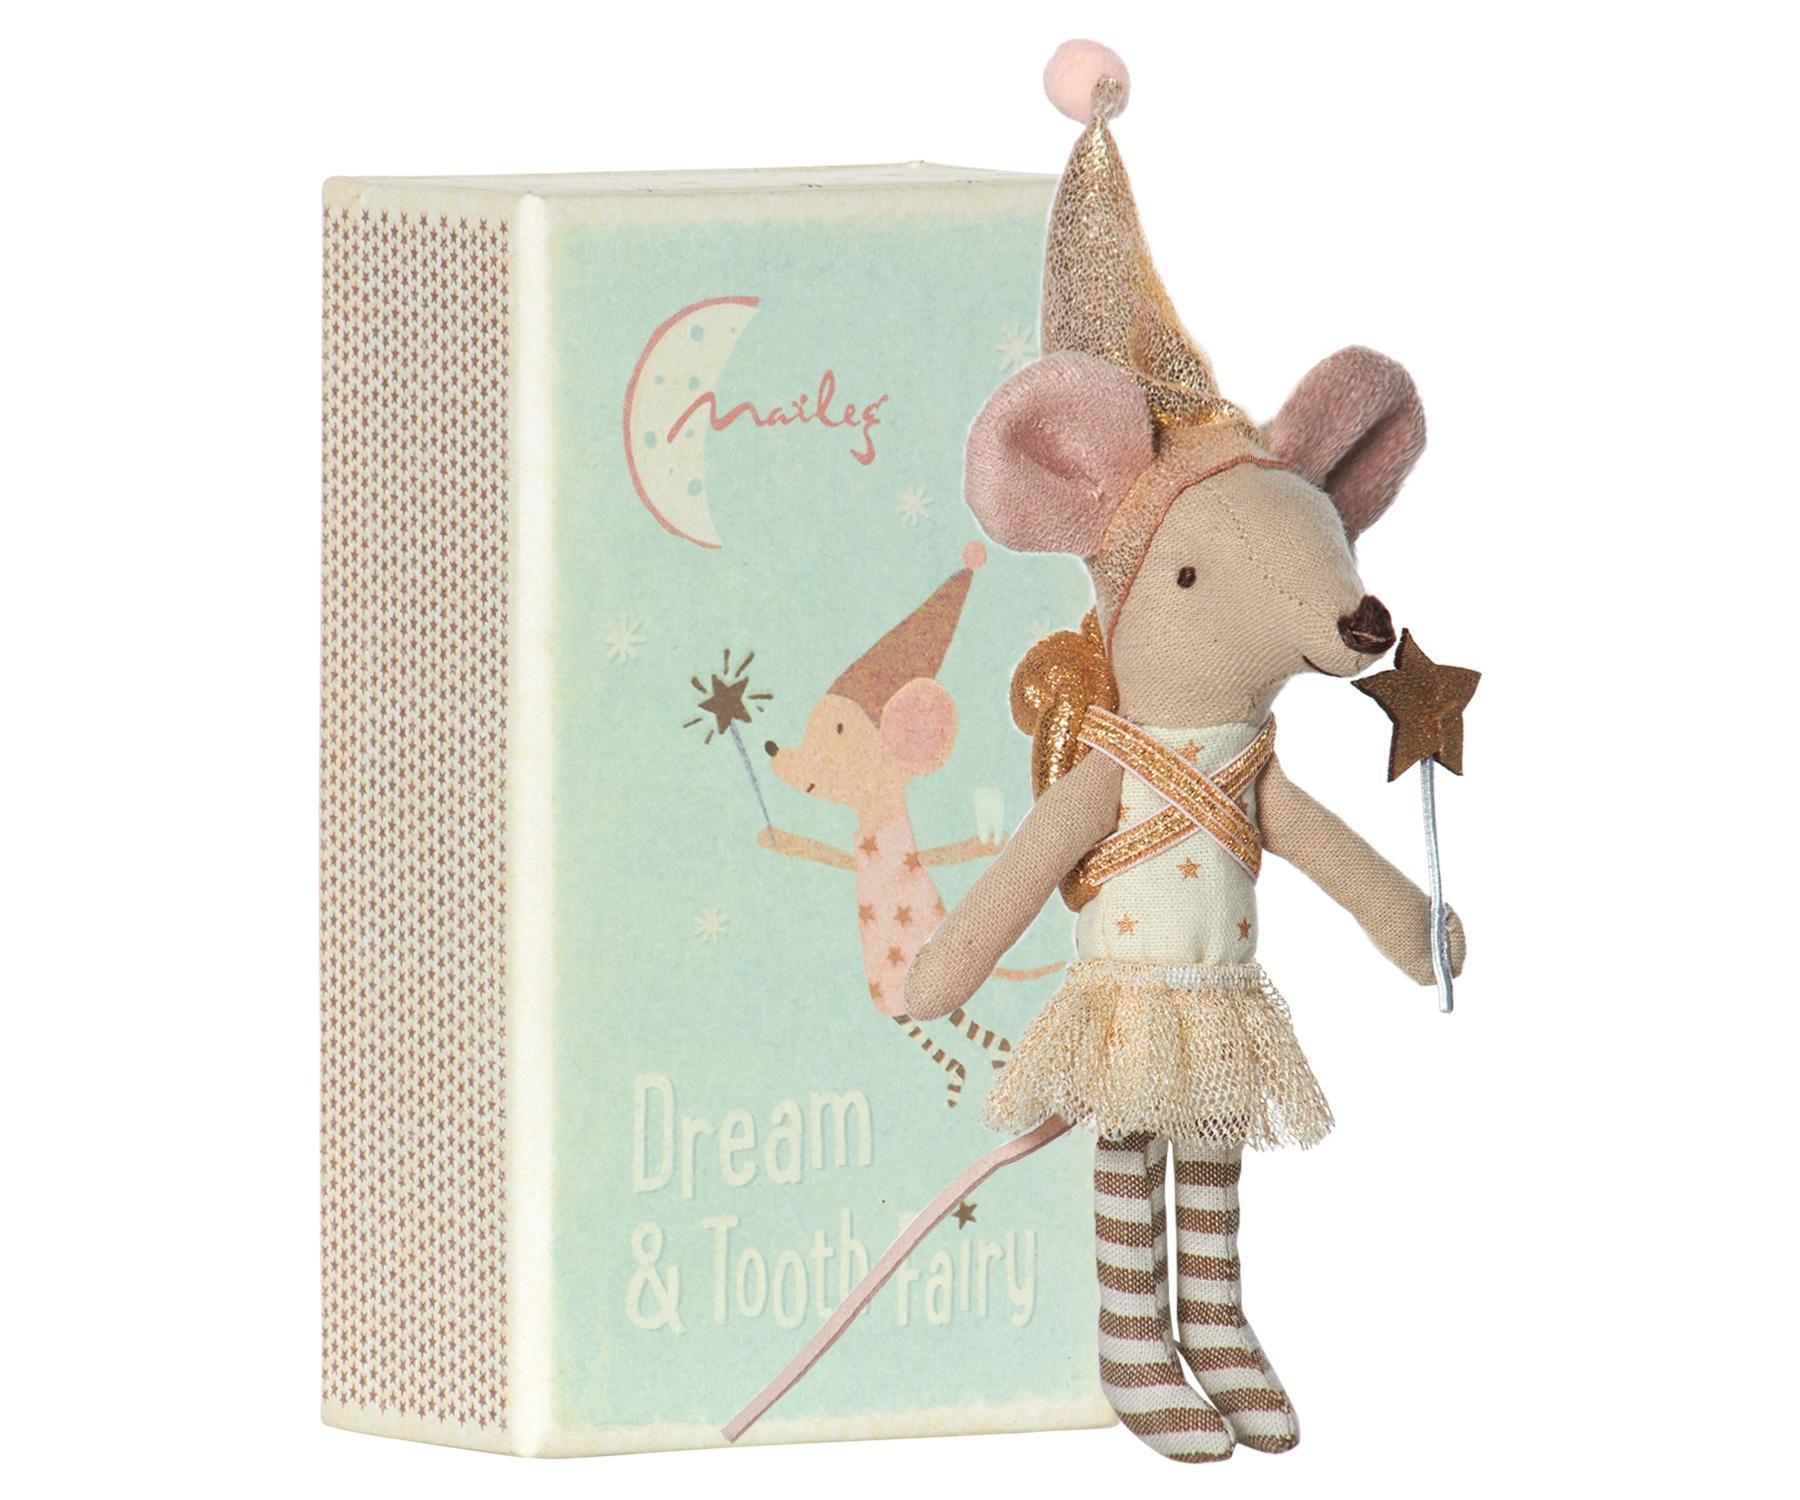 Maileg Myška v krabičce - Zoubková víla (dívka), zlatá barva, krémová barva, papír, textil